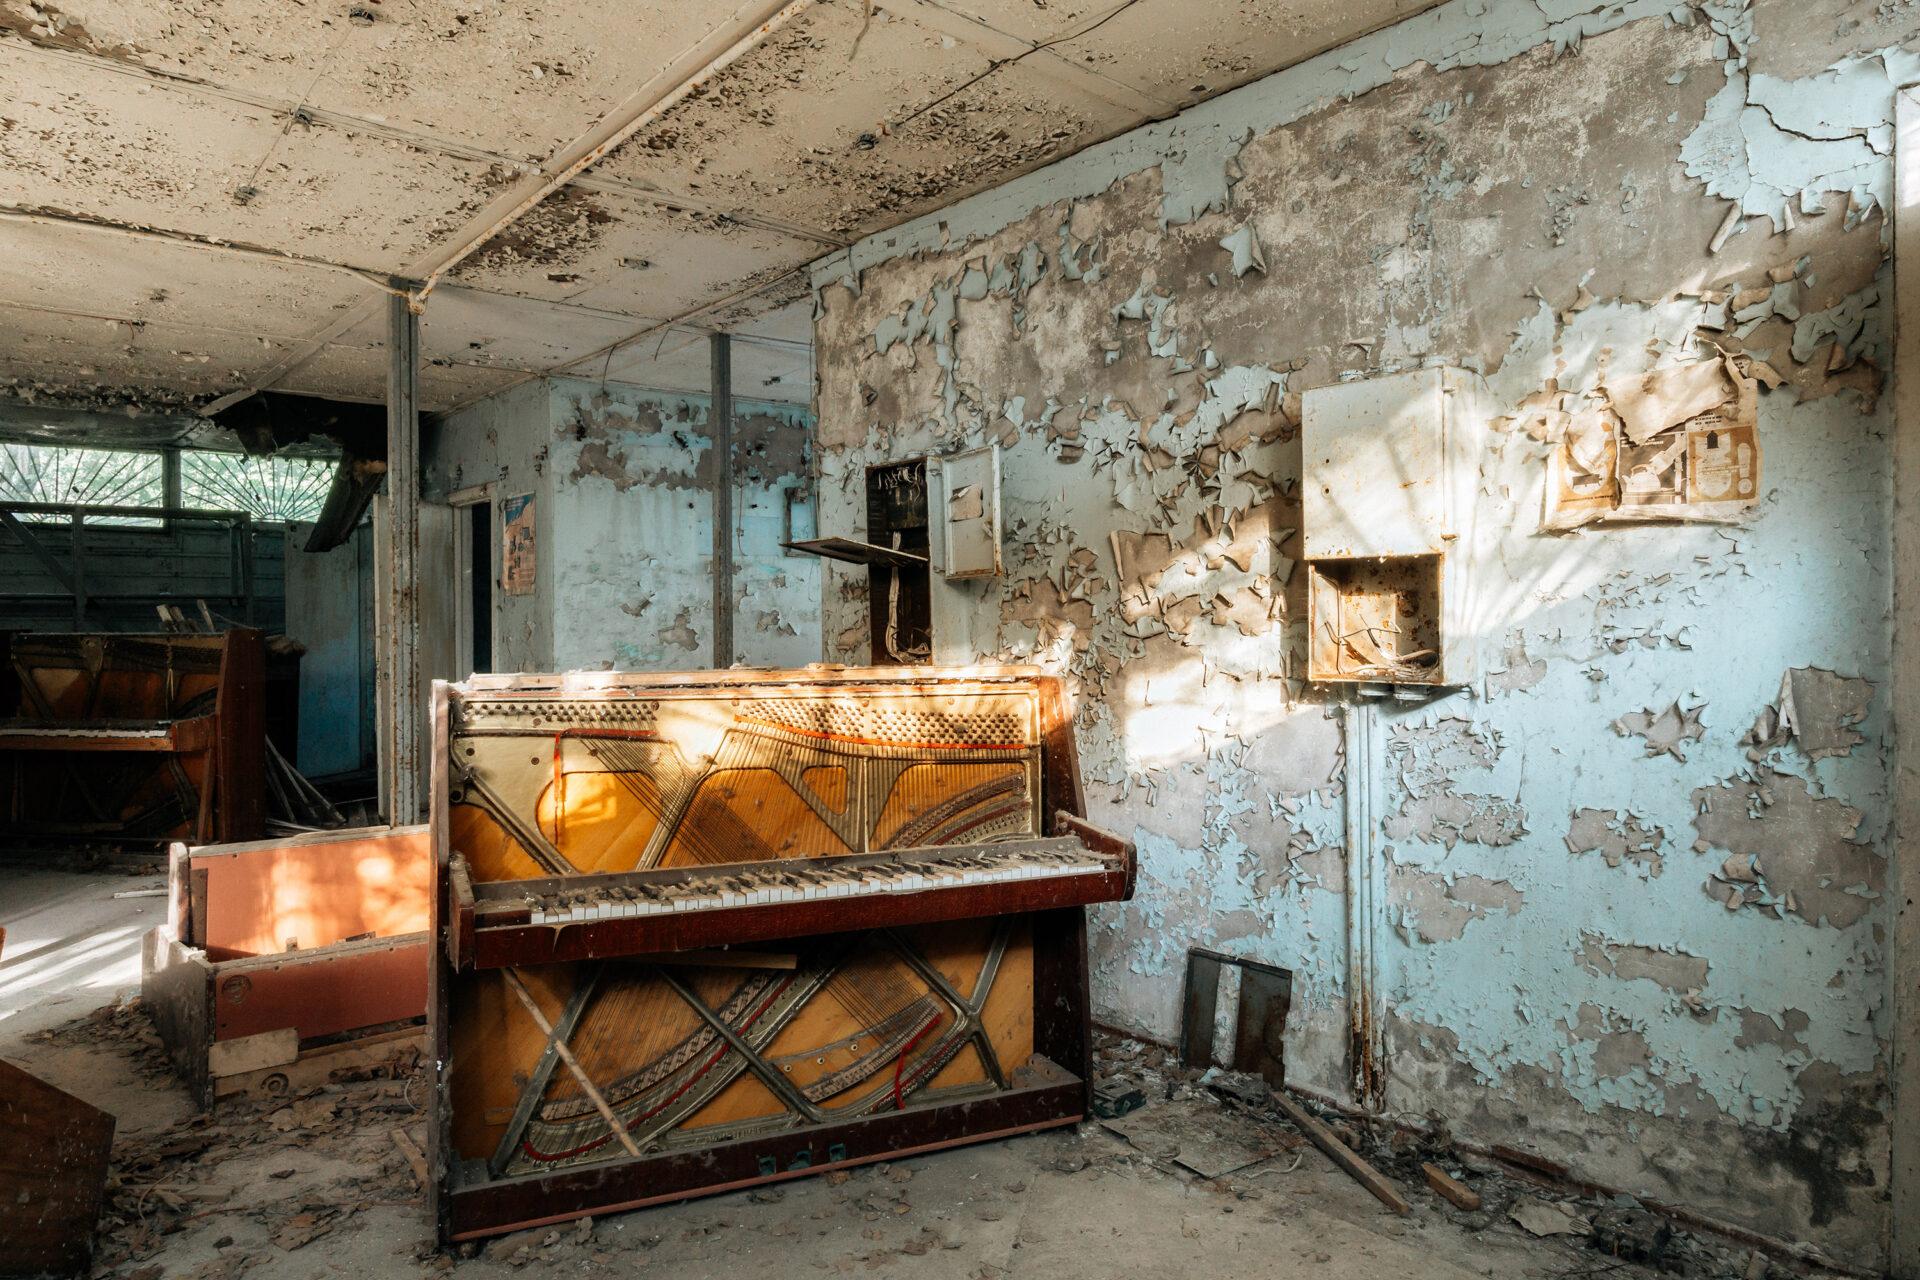 requiem pour pianos 18 | Serie Requiem pour pianos | Romain Thiery